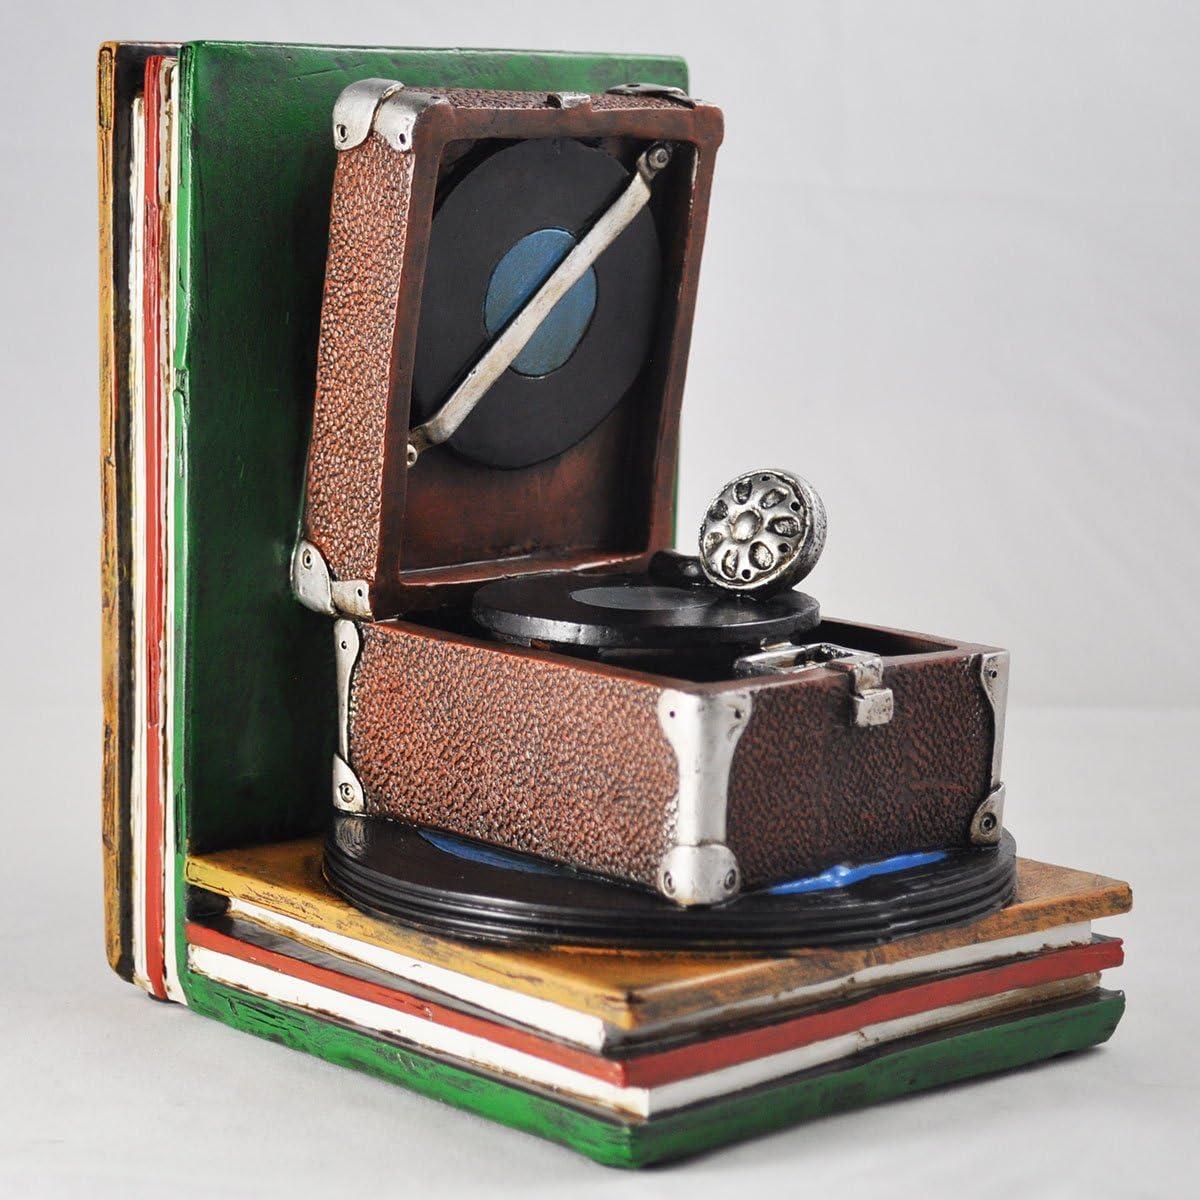 maison D/écoration vintage vinyles Pour livres Pour bureau Serre-livres en forme de disque vinyle DVD